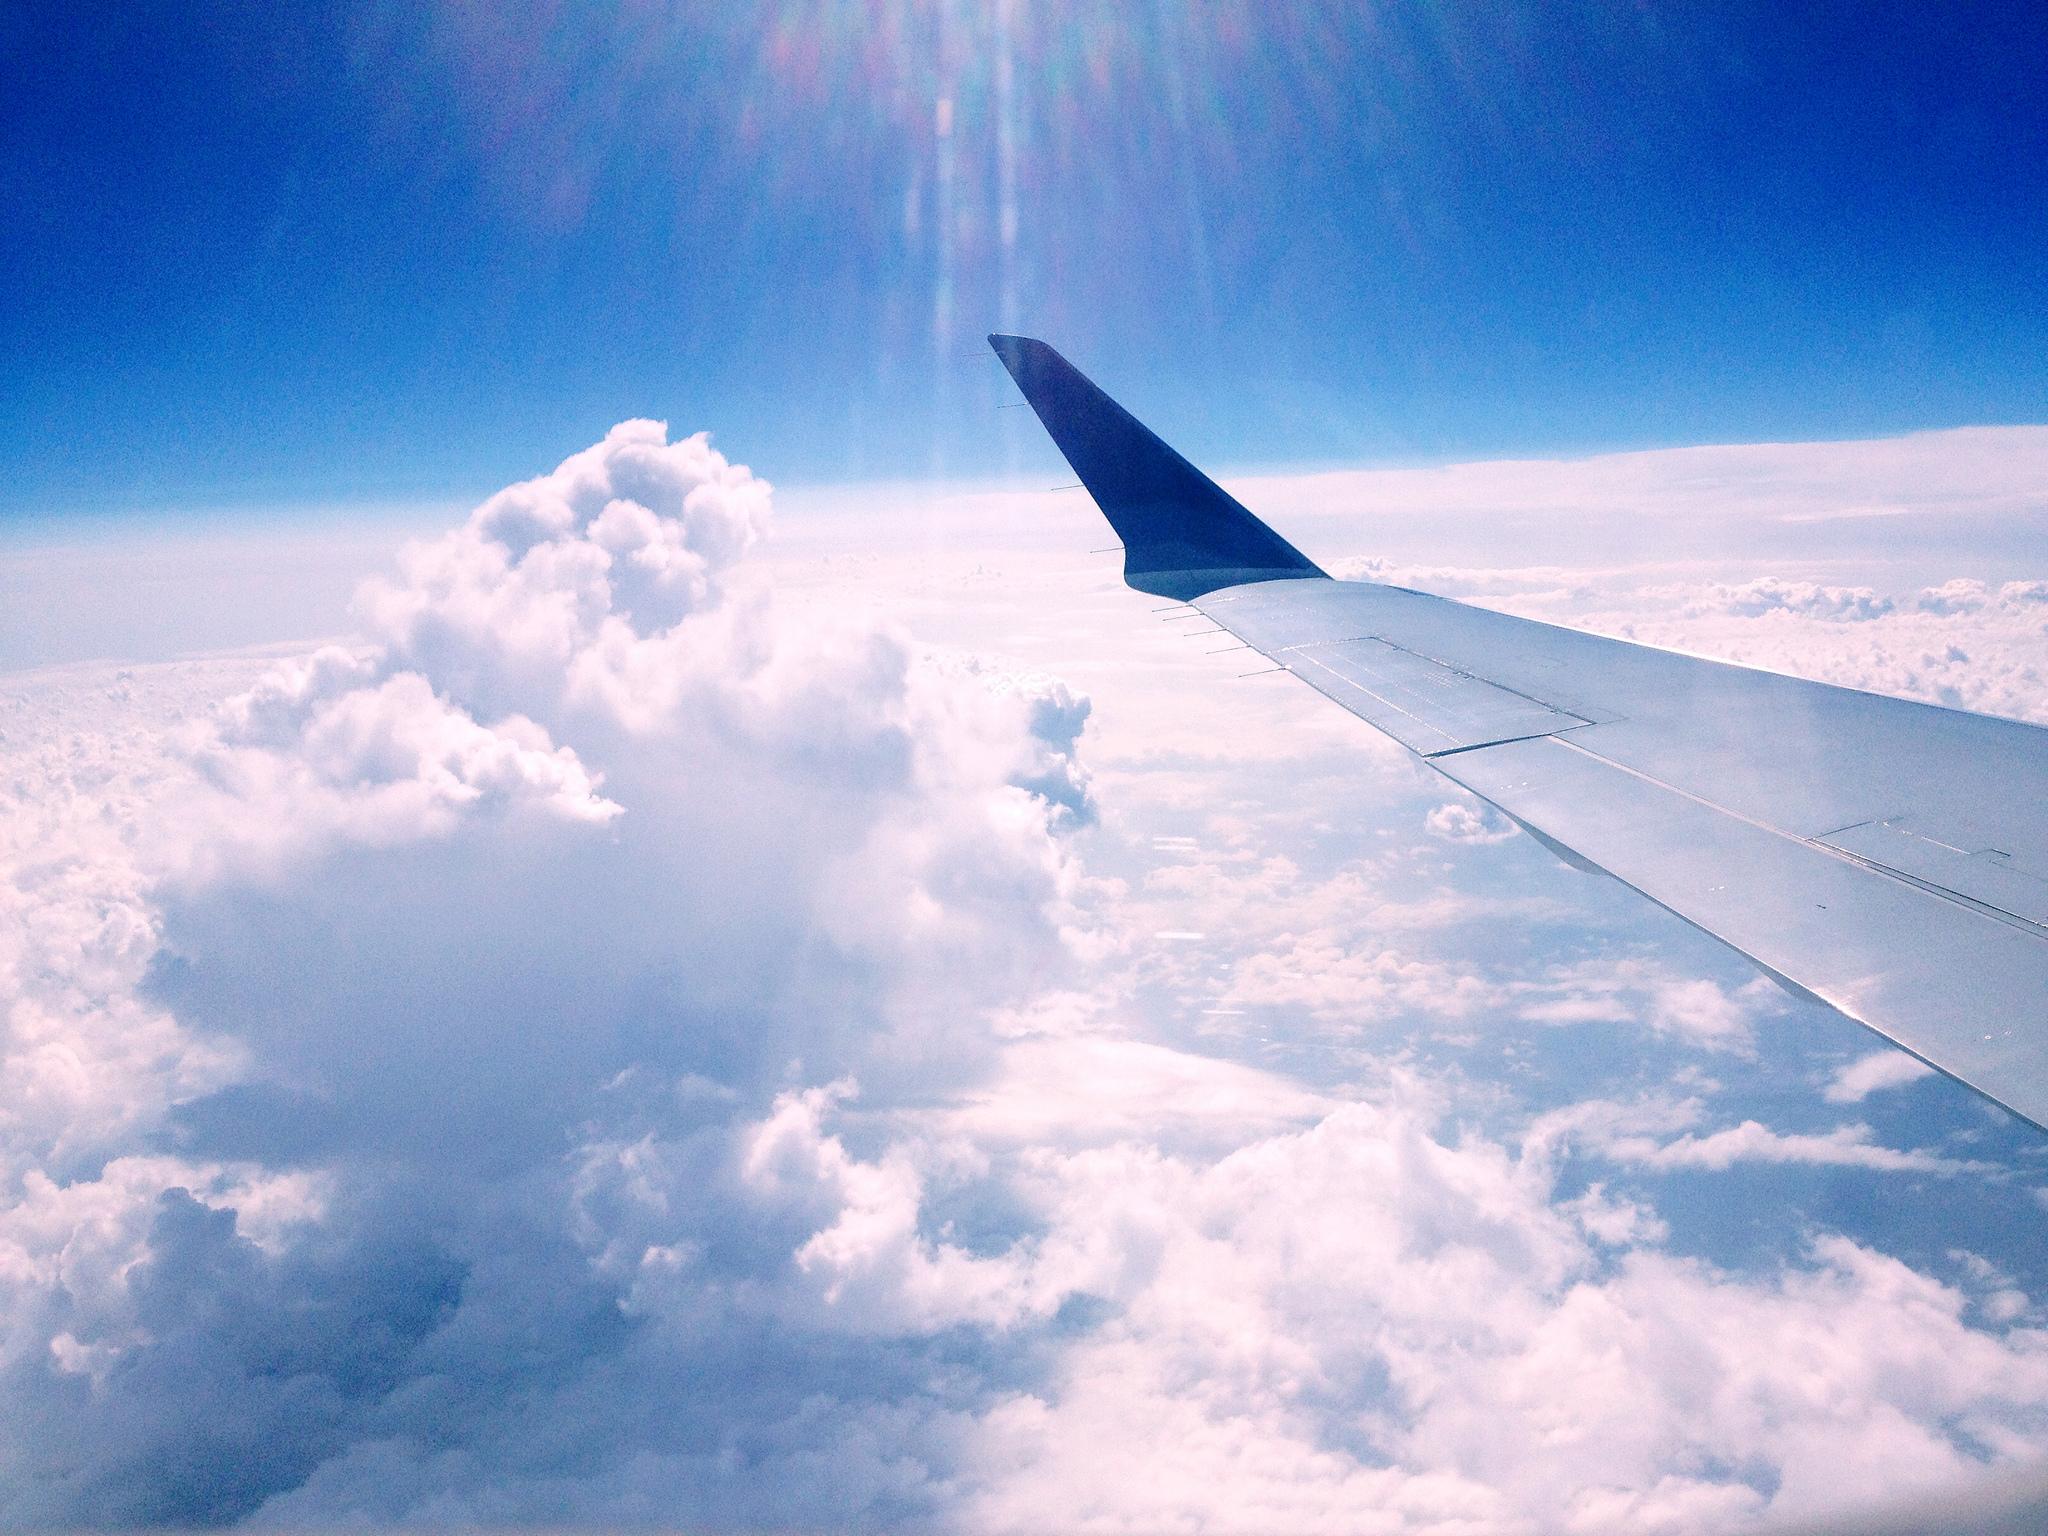 ヨーロッパを旅するバックパッカー必見!シェンゲン協定への対策法